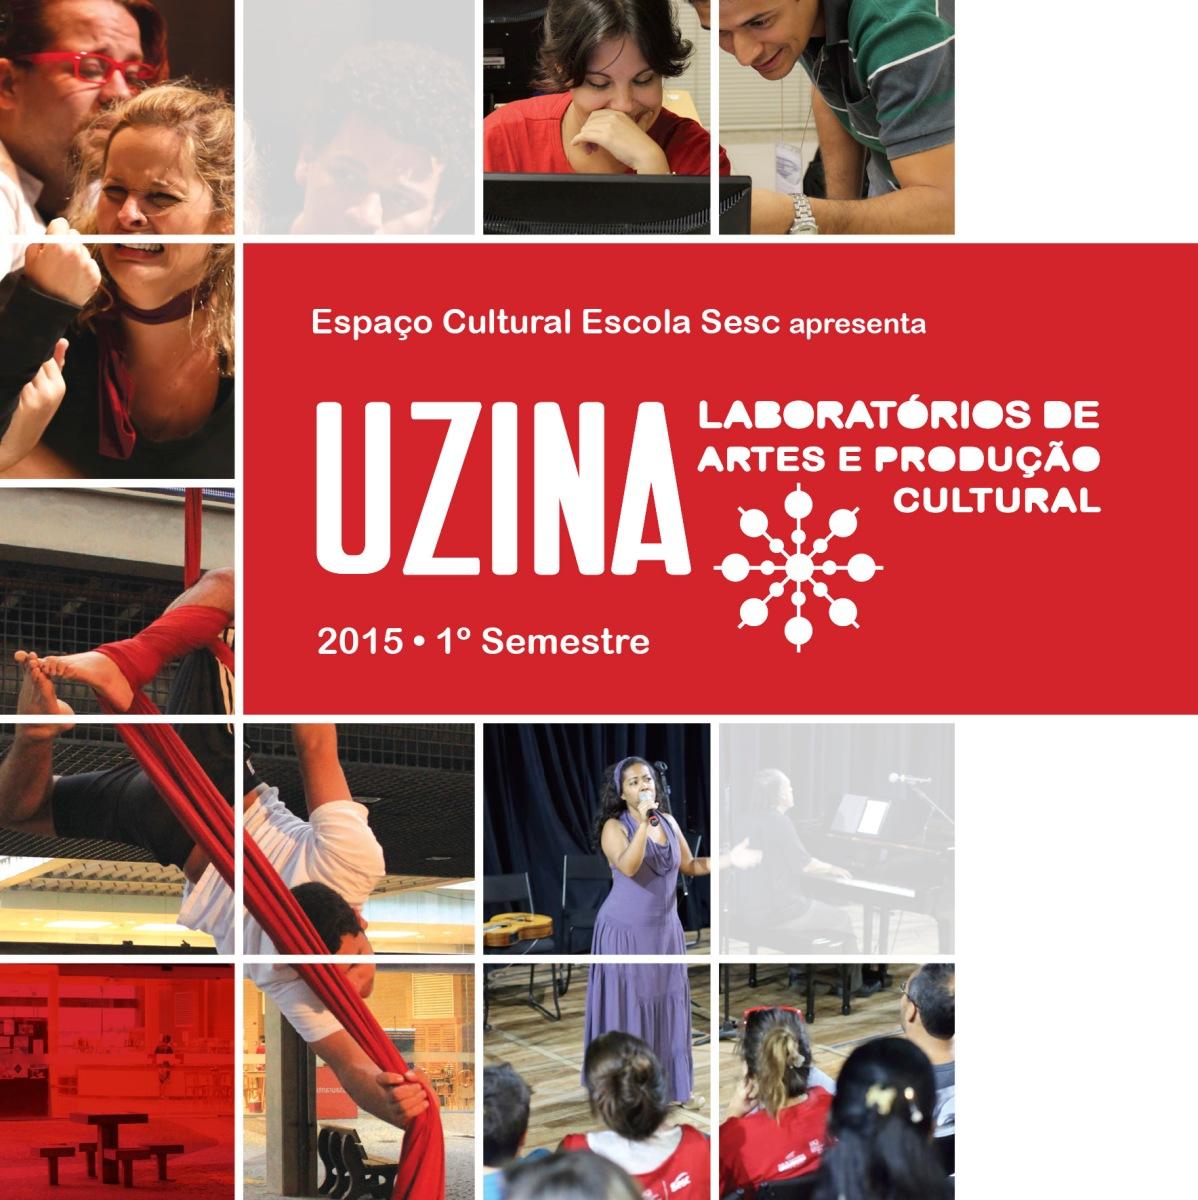 Projeto UZINA: Espaço Cultural Escola SESC recebe inscrições para oficinas gratuitas no Rio de Janeiro